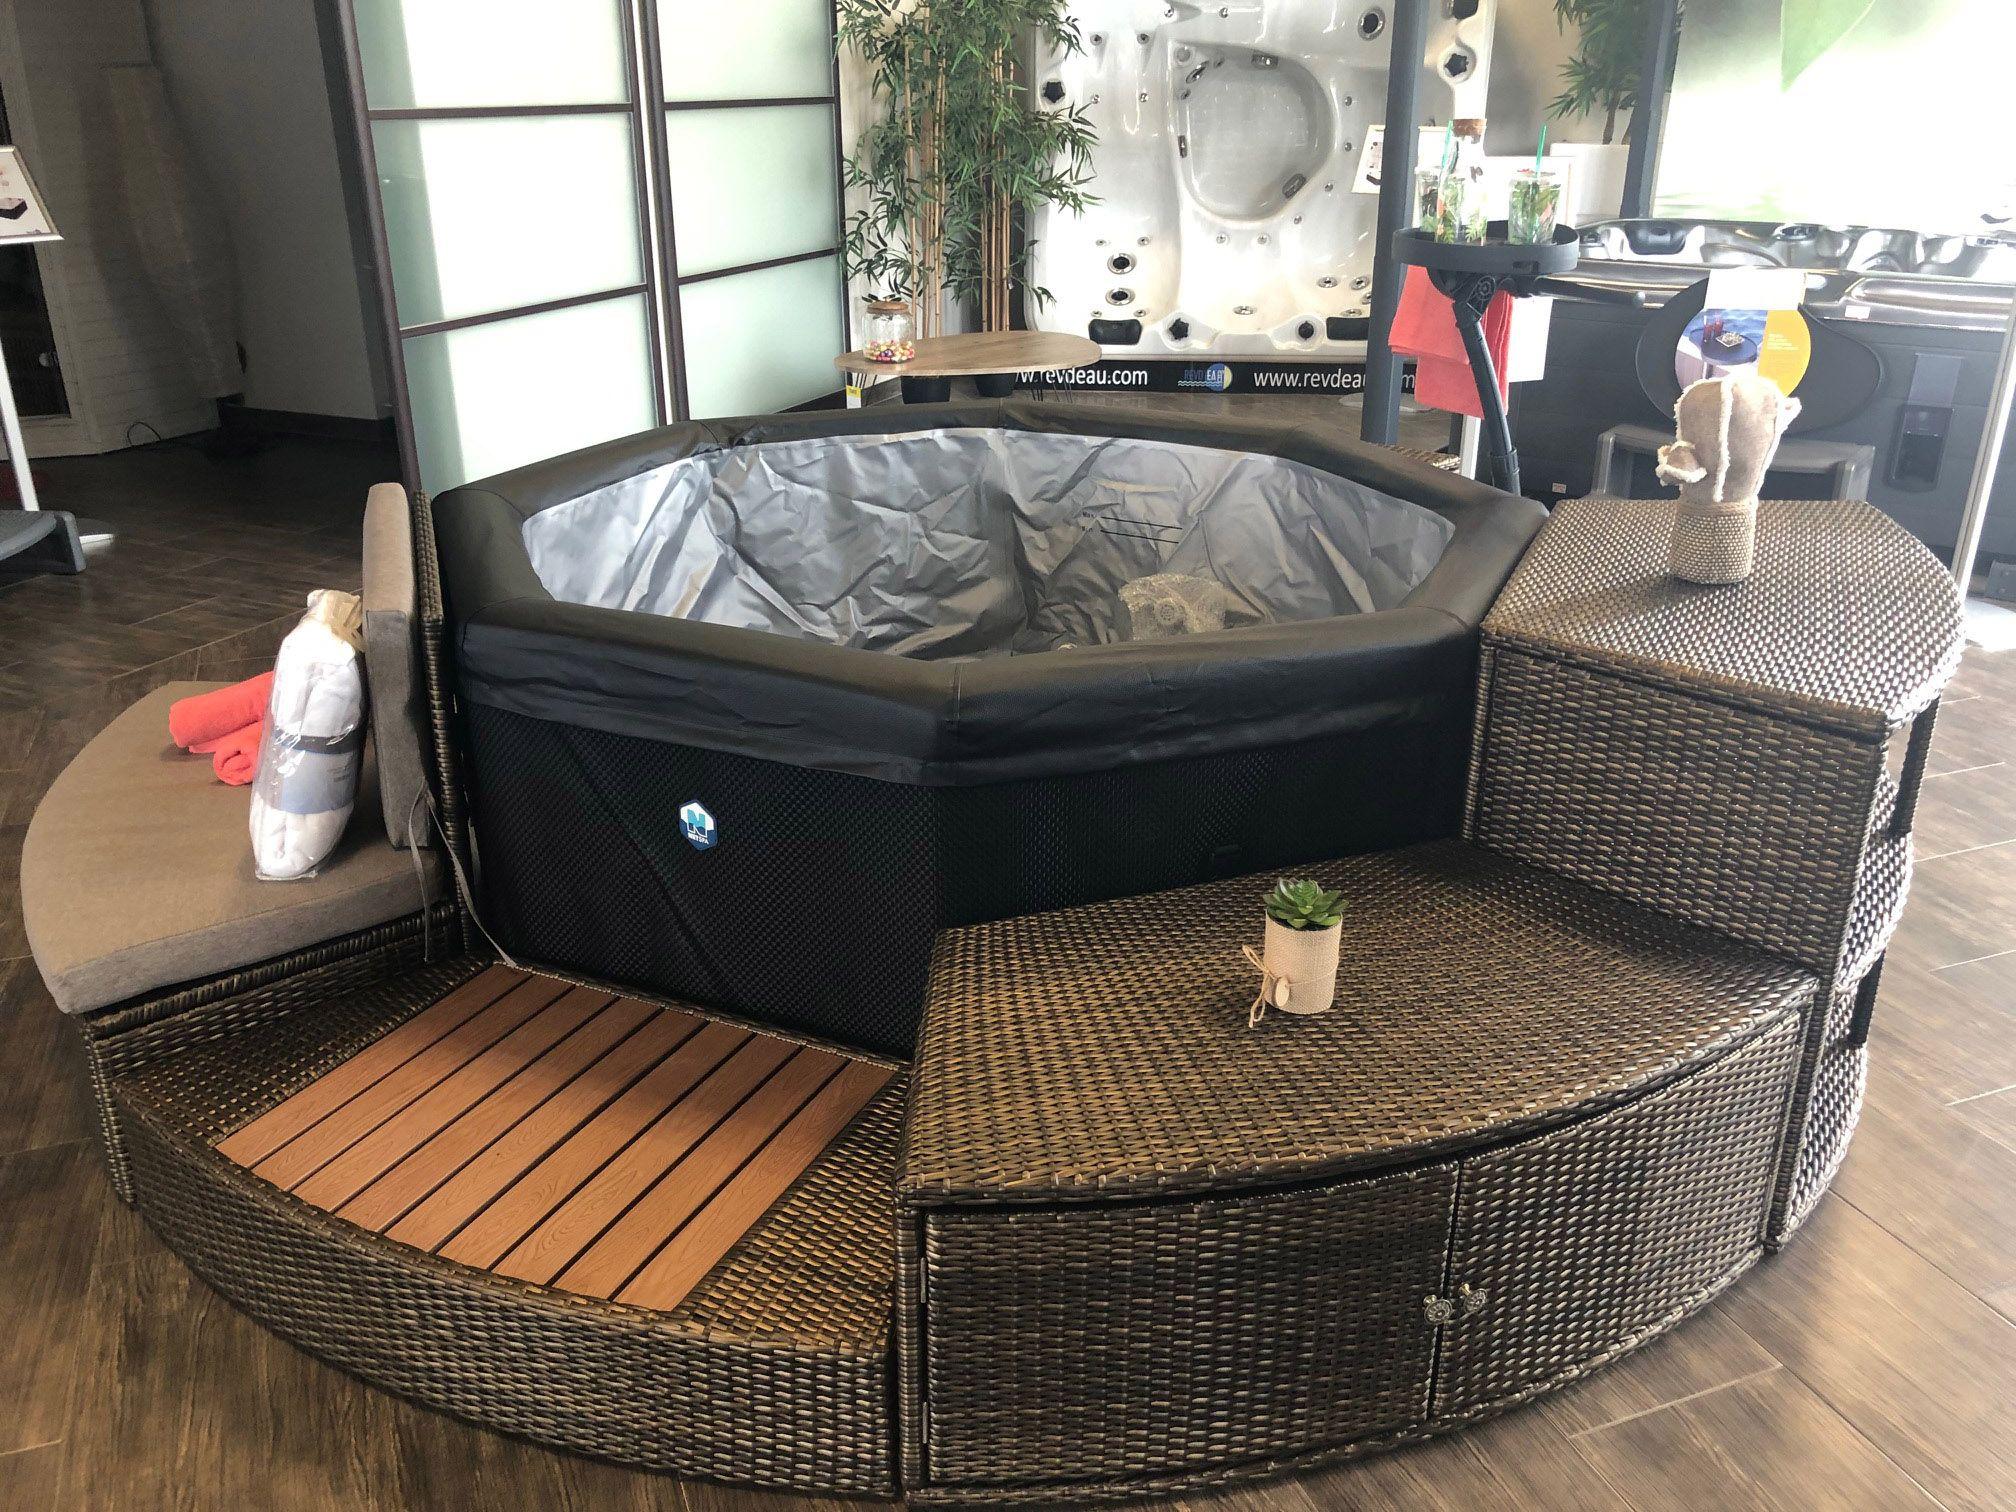 Comment Fonctionne Un Jacuzzi Gonflable spa portable octopus netspa 6 places